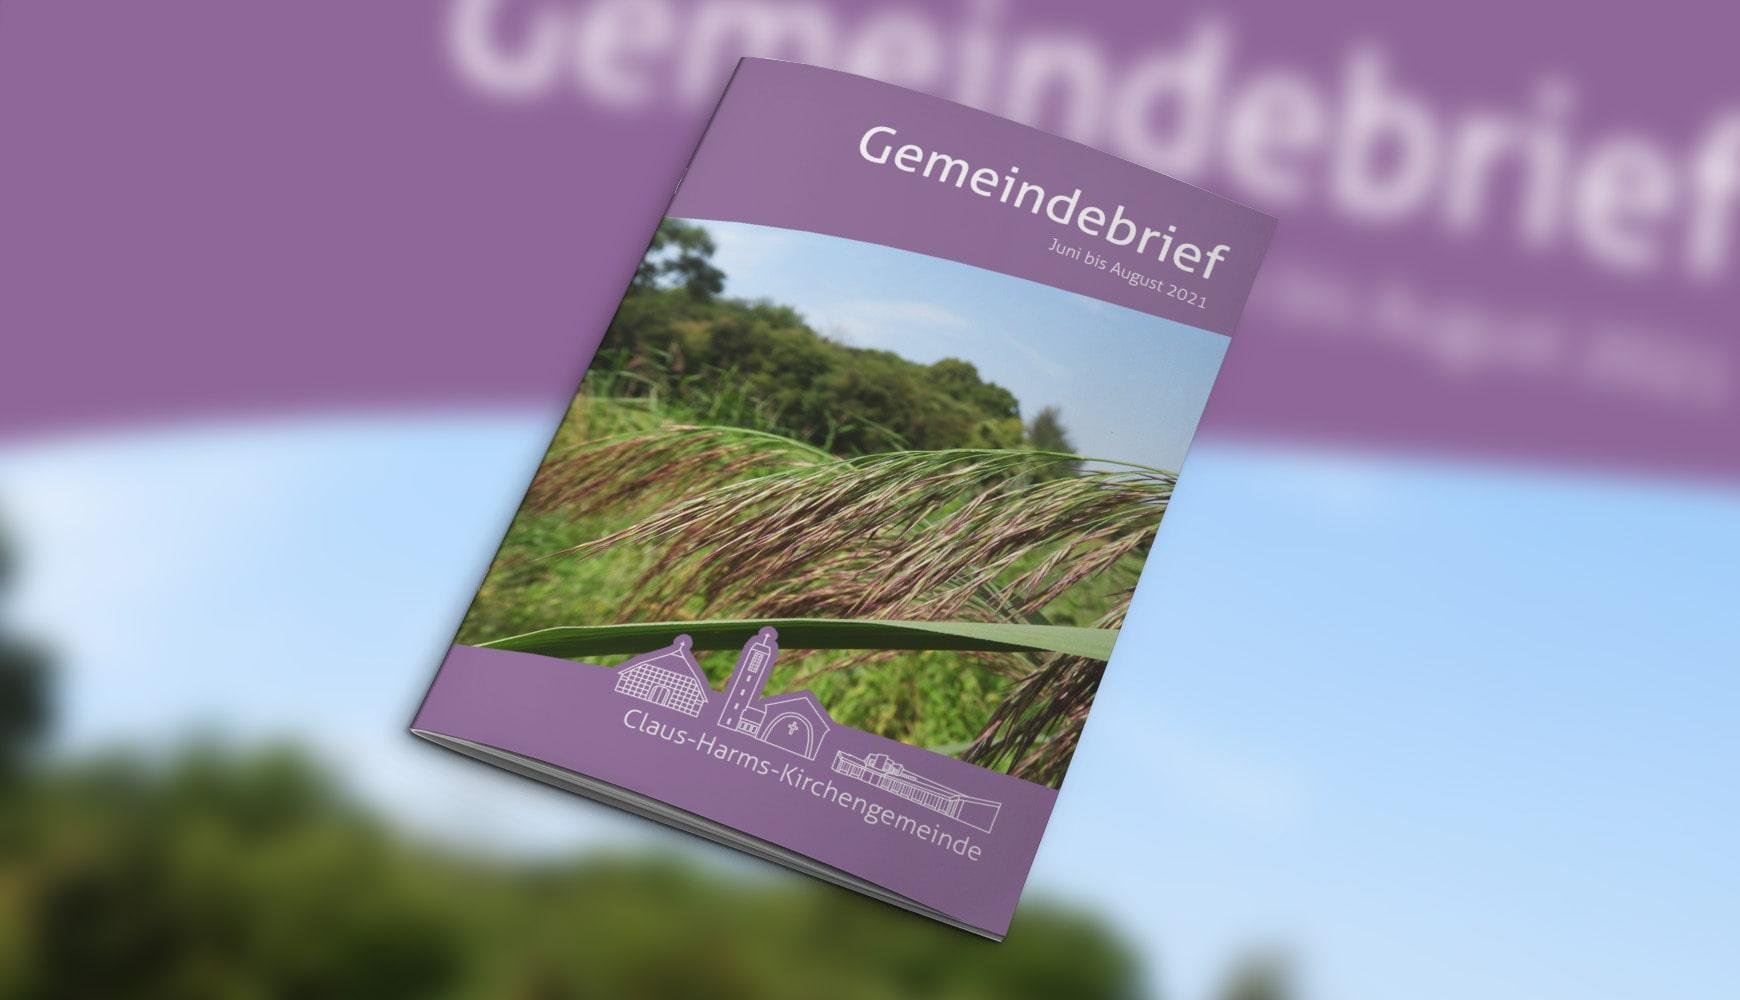 Grafik Design Zeitschrift Heft Design Gemeindebrief Claus-Harms Juni 2021